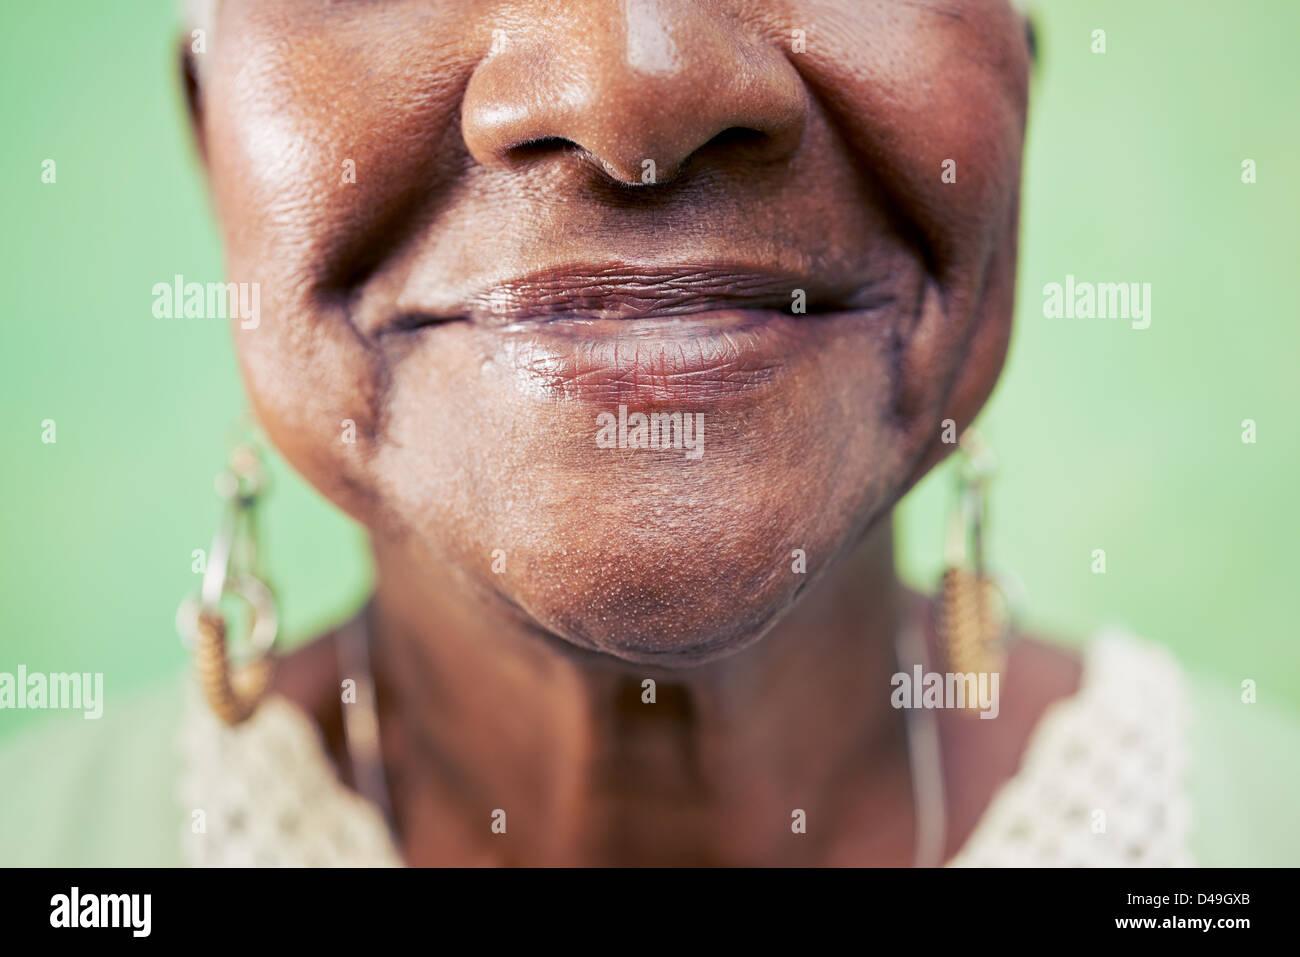 Vecchia donna nero ritratto, close-up di occhi e faccia su sfondo verde. Spazio di copia Foto Stock